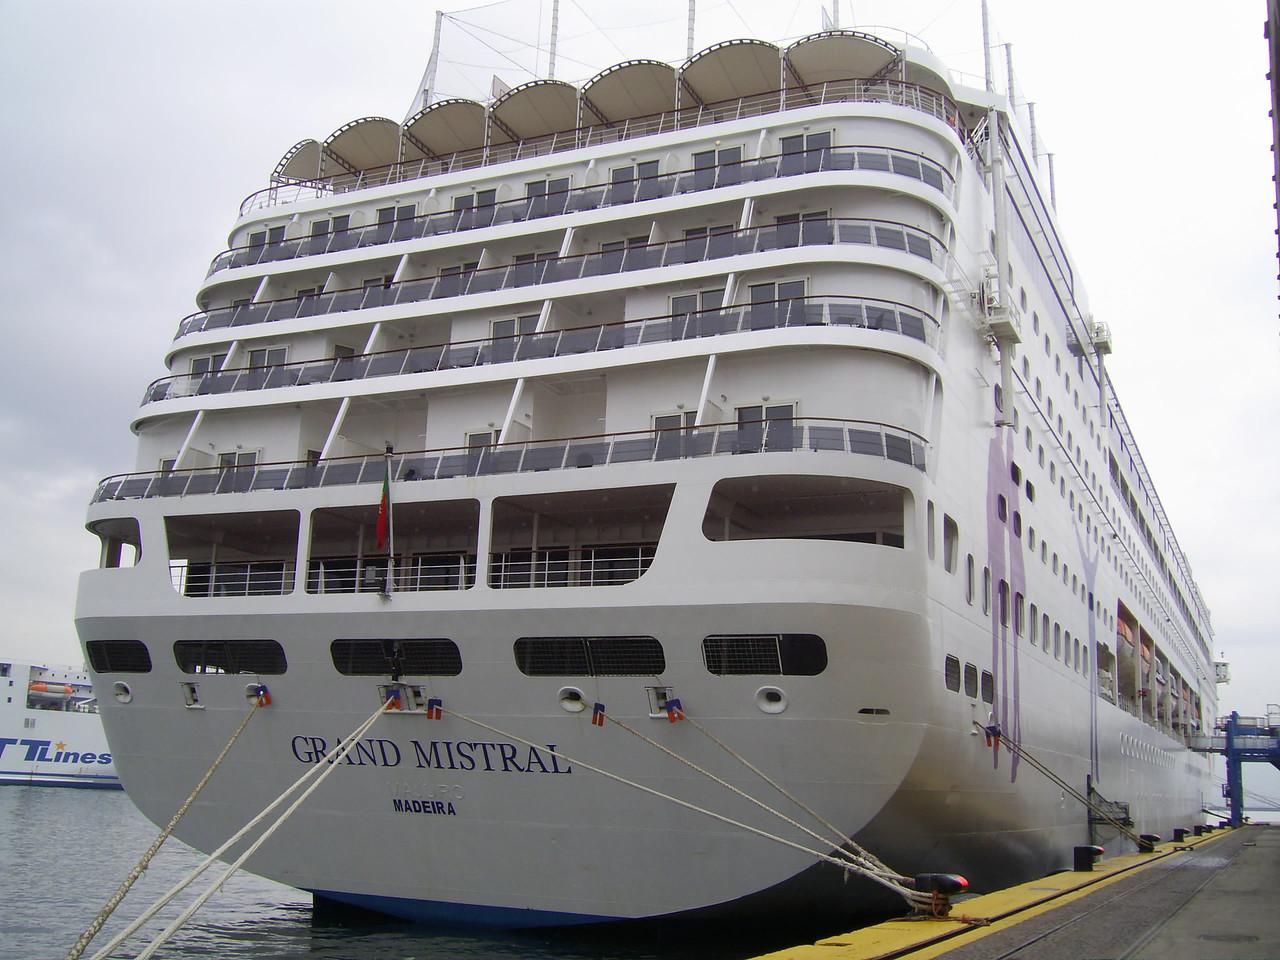 2010 - M/S GRAND MISTRAL in Napoli.